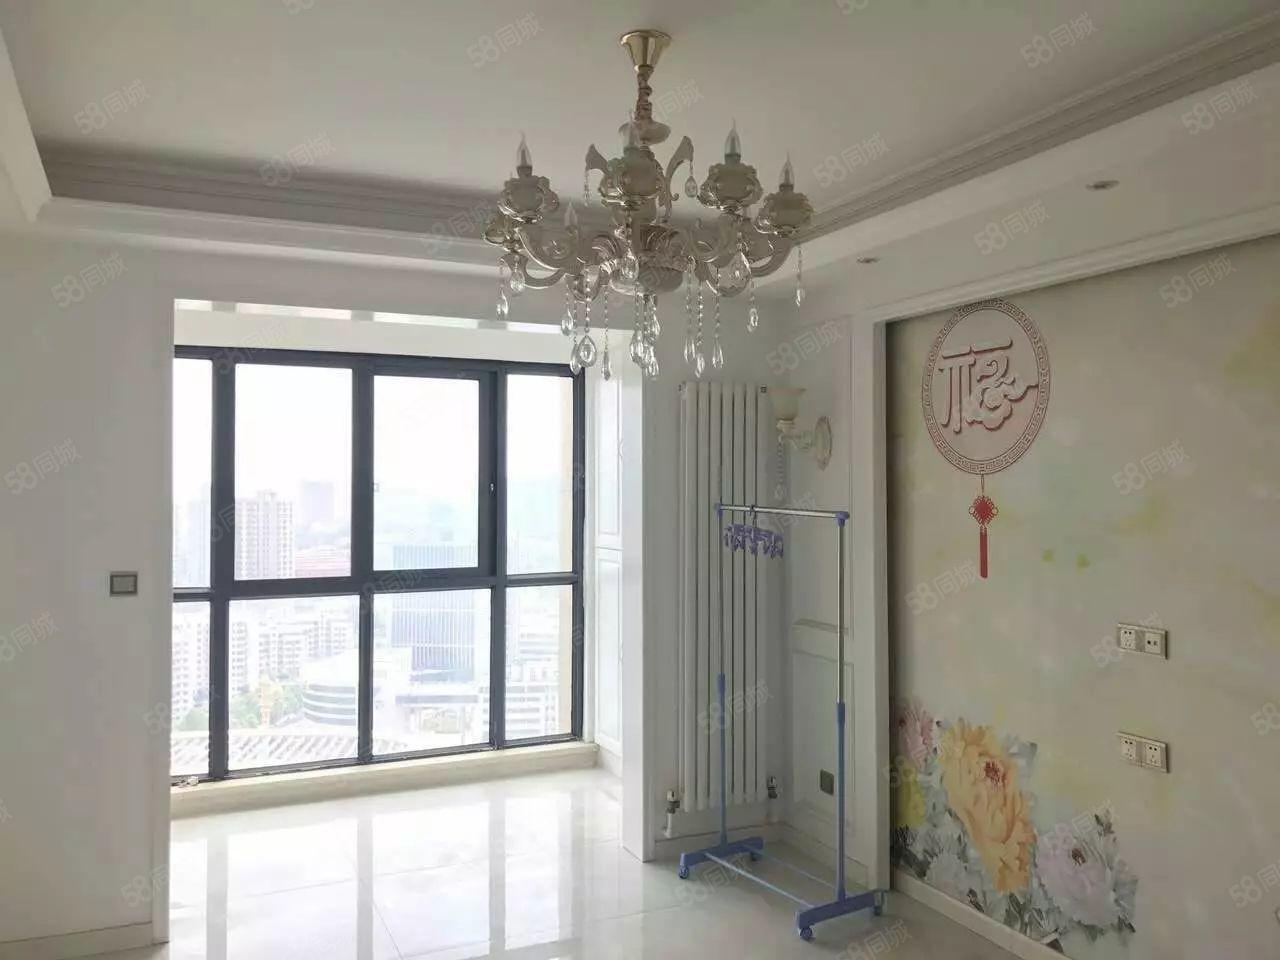 枫杨外国语旁万丰慧城两房,双气,有房本,可直接过户